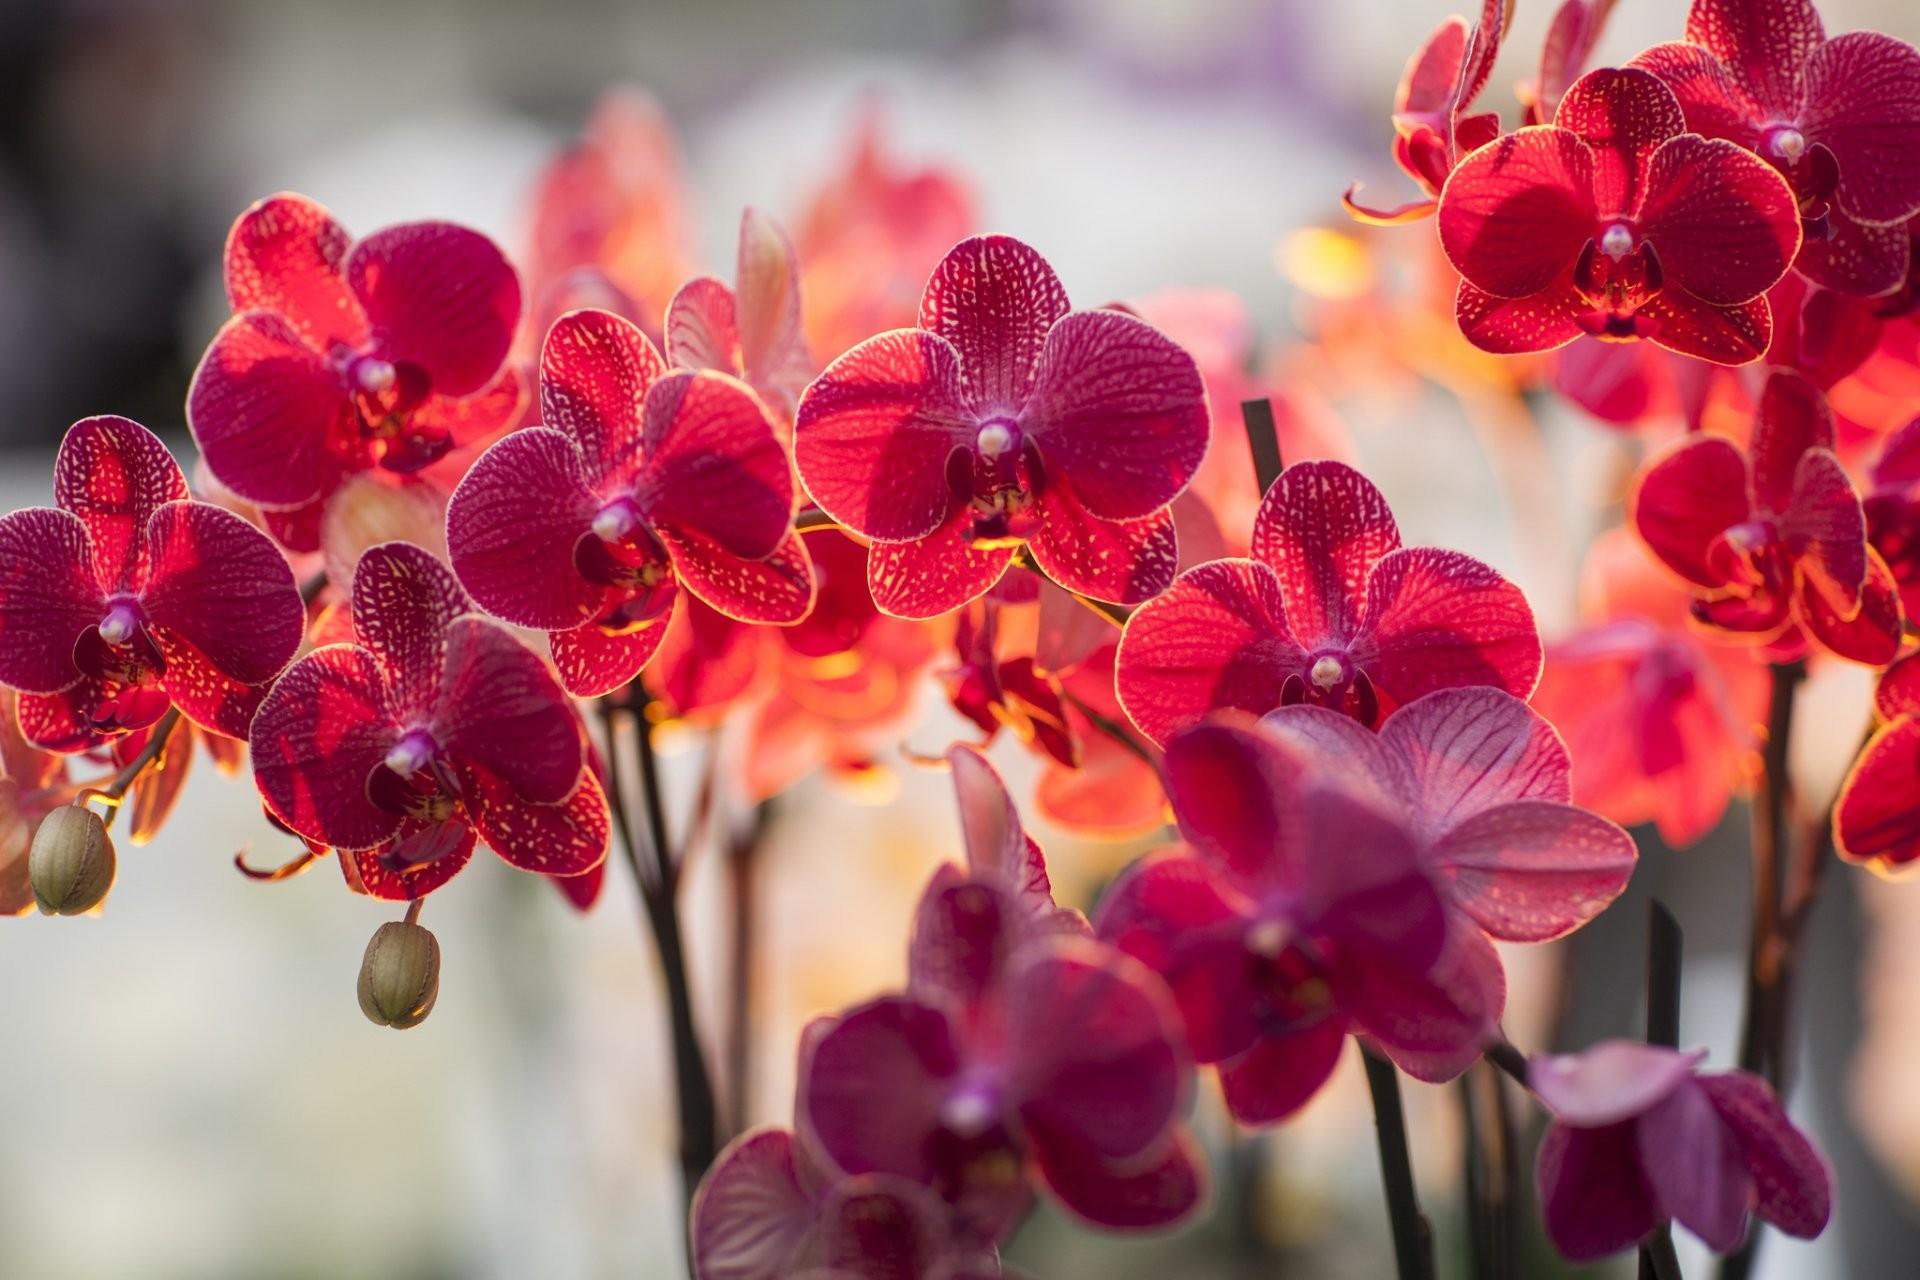 Hình nền desktop hoa lan cực đẹp